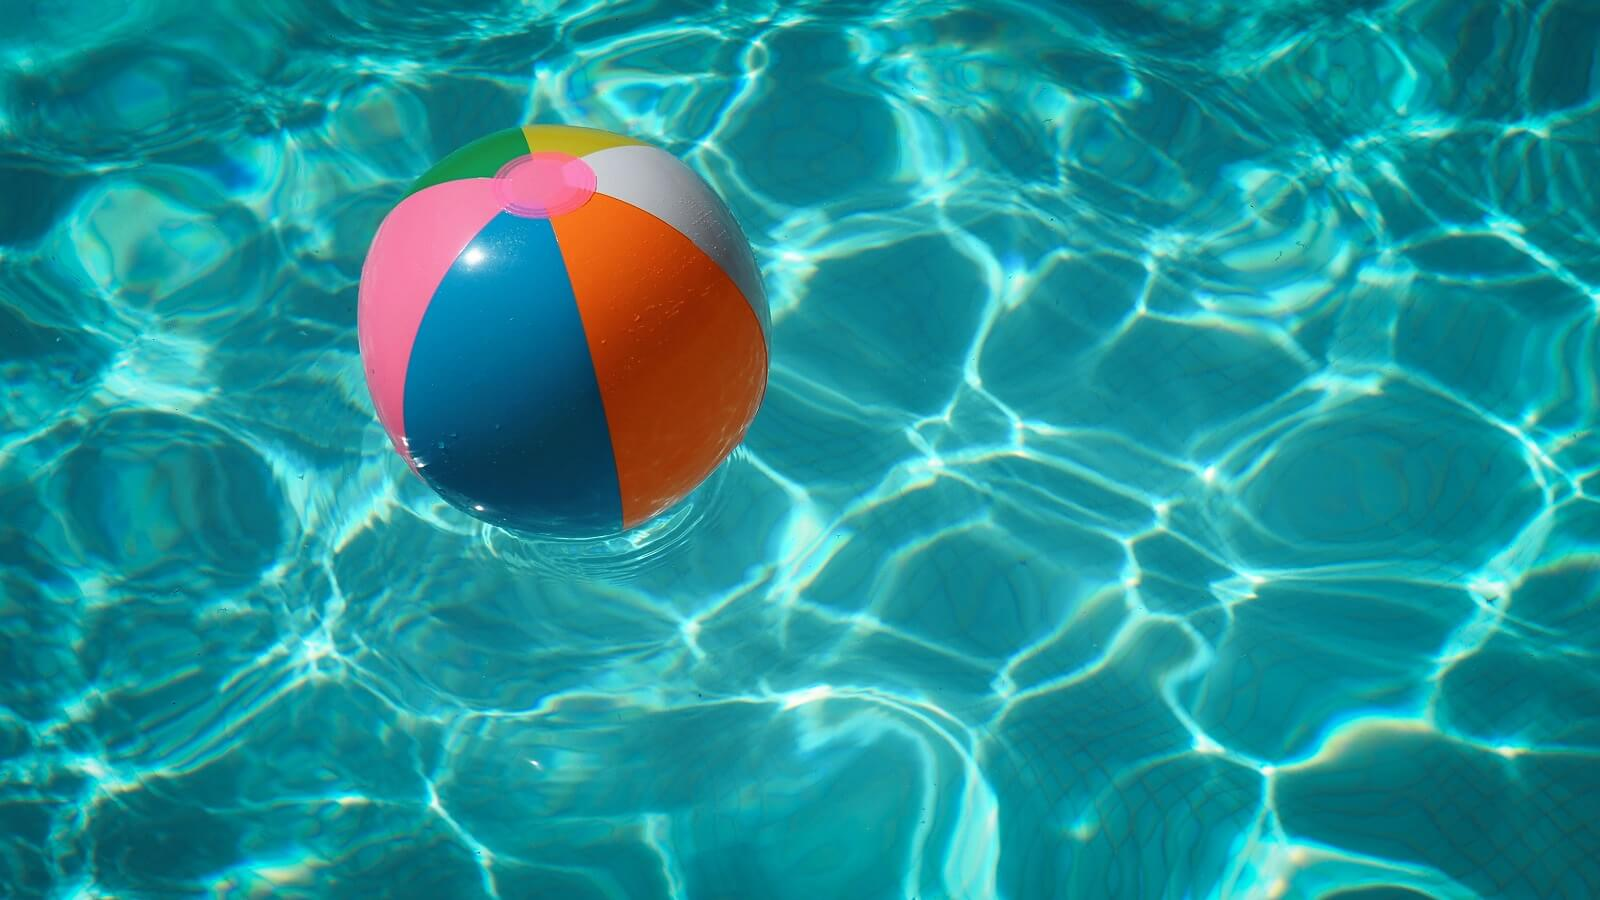 Zabawa piłką w basenie